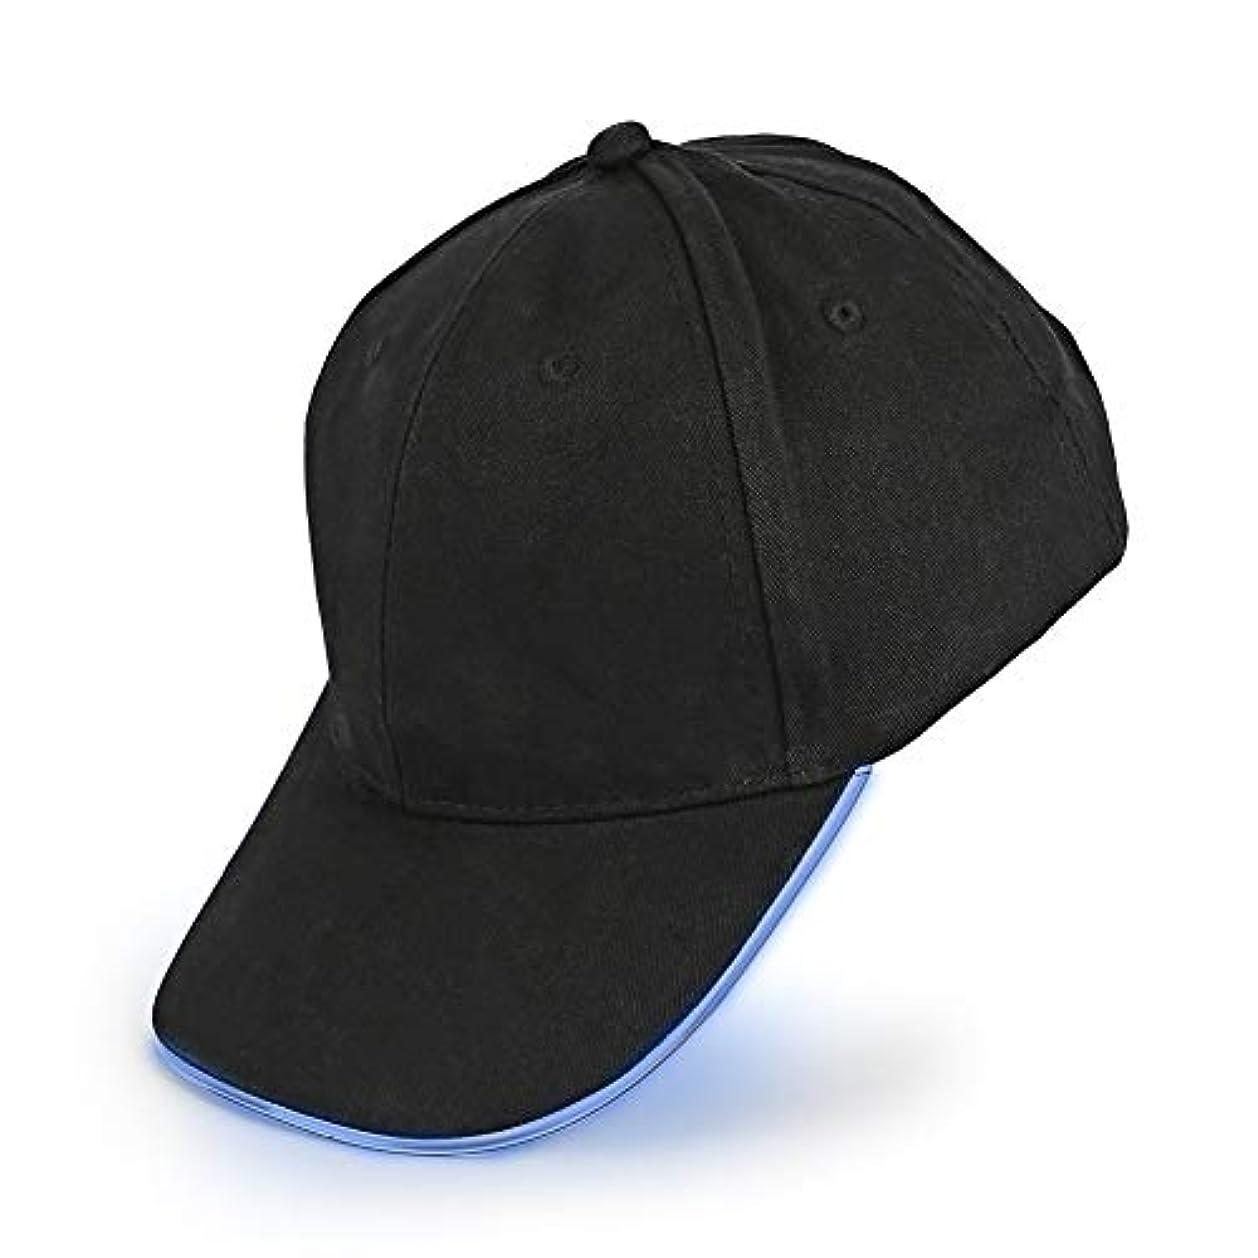 製造業エンゲージメントマーカーBosiwee 発光 キラキラ ベースボール LEDキャップ LEDハット 明るいブラックファブリック 旅行 懐中電灯 ライトアップ 帽子 3モード 輝く帽子 パーティー ヒップホップ ランニング ハンティング ジョギングなどに